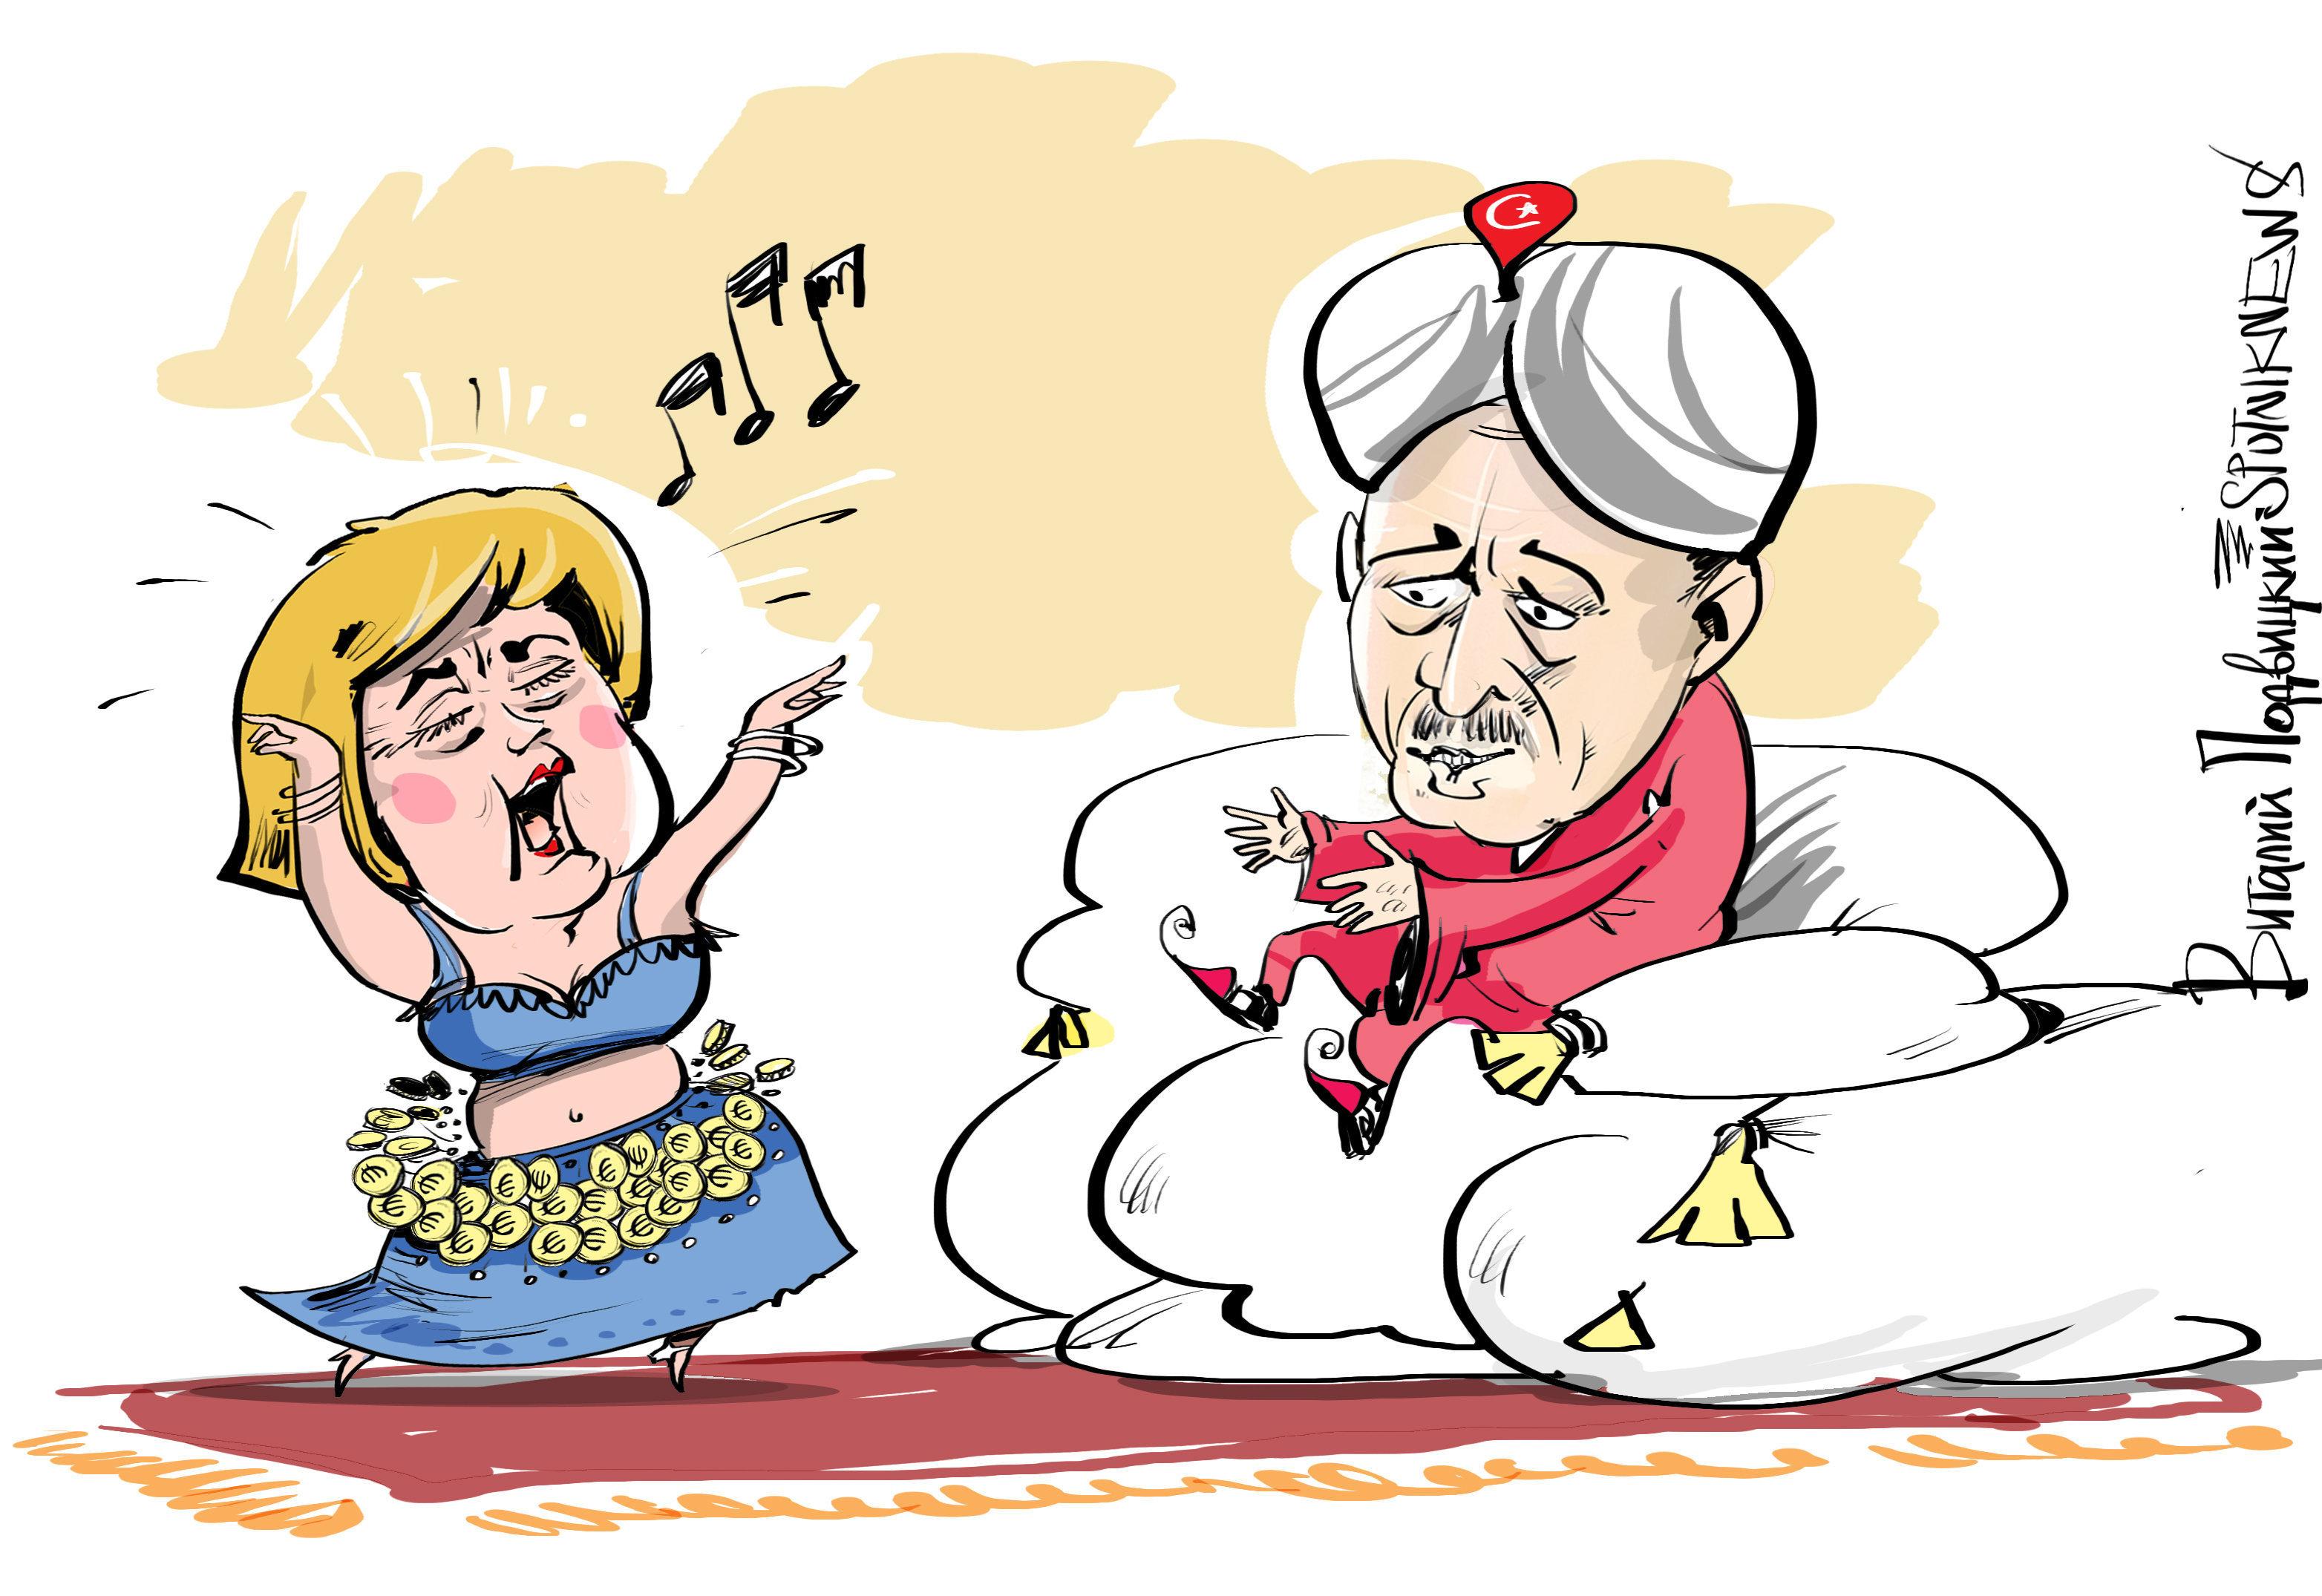 В поисках спасения от миграционного кризиса Европа бросилась за помощью к Турции, не понимая, что ее изворотливое правительство абсолютно бесполезно. Единственно верным решением было бы сотрудничество с Россией, пишет немецкая Tagesspiegel.